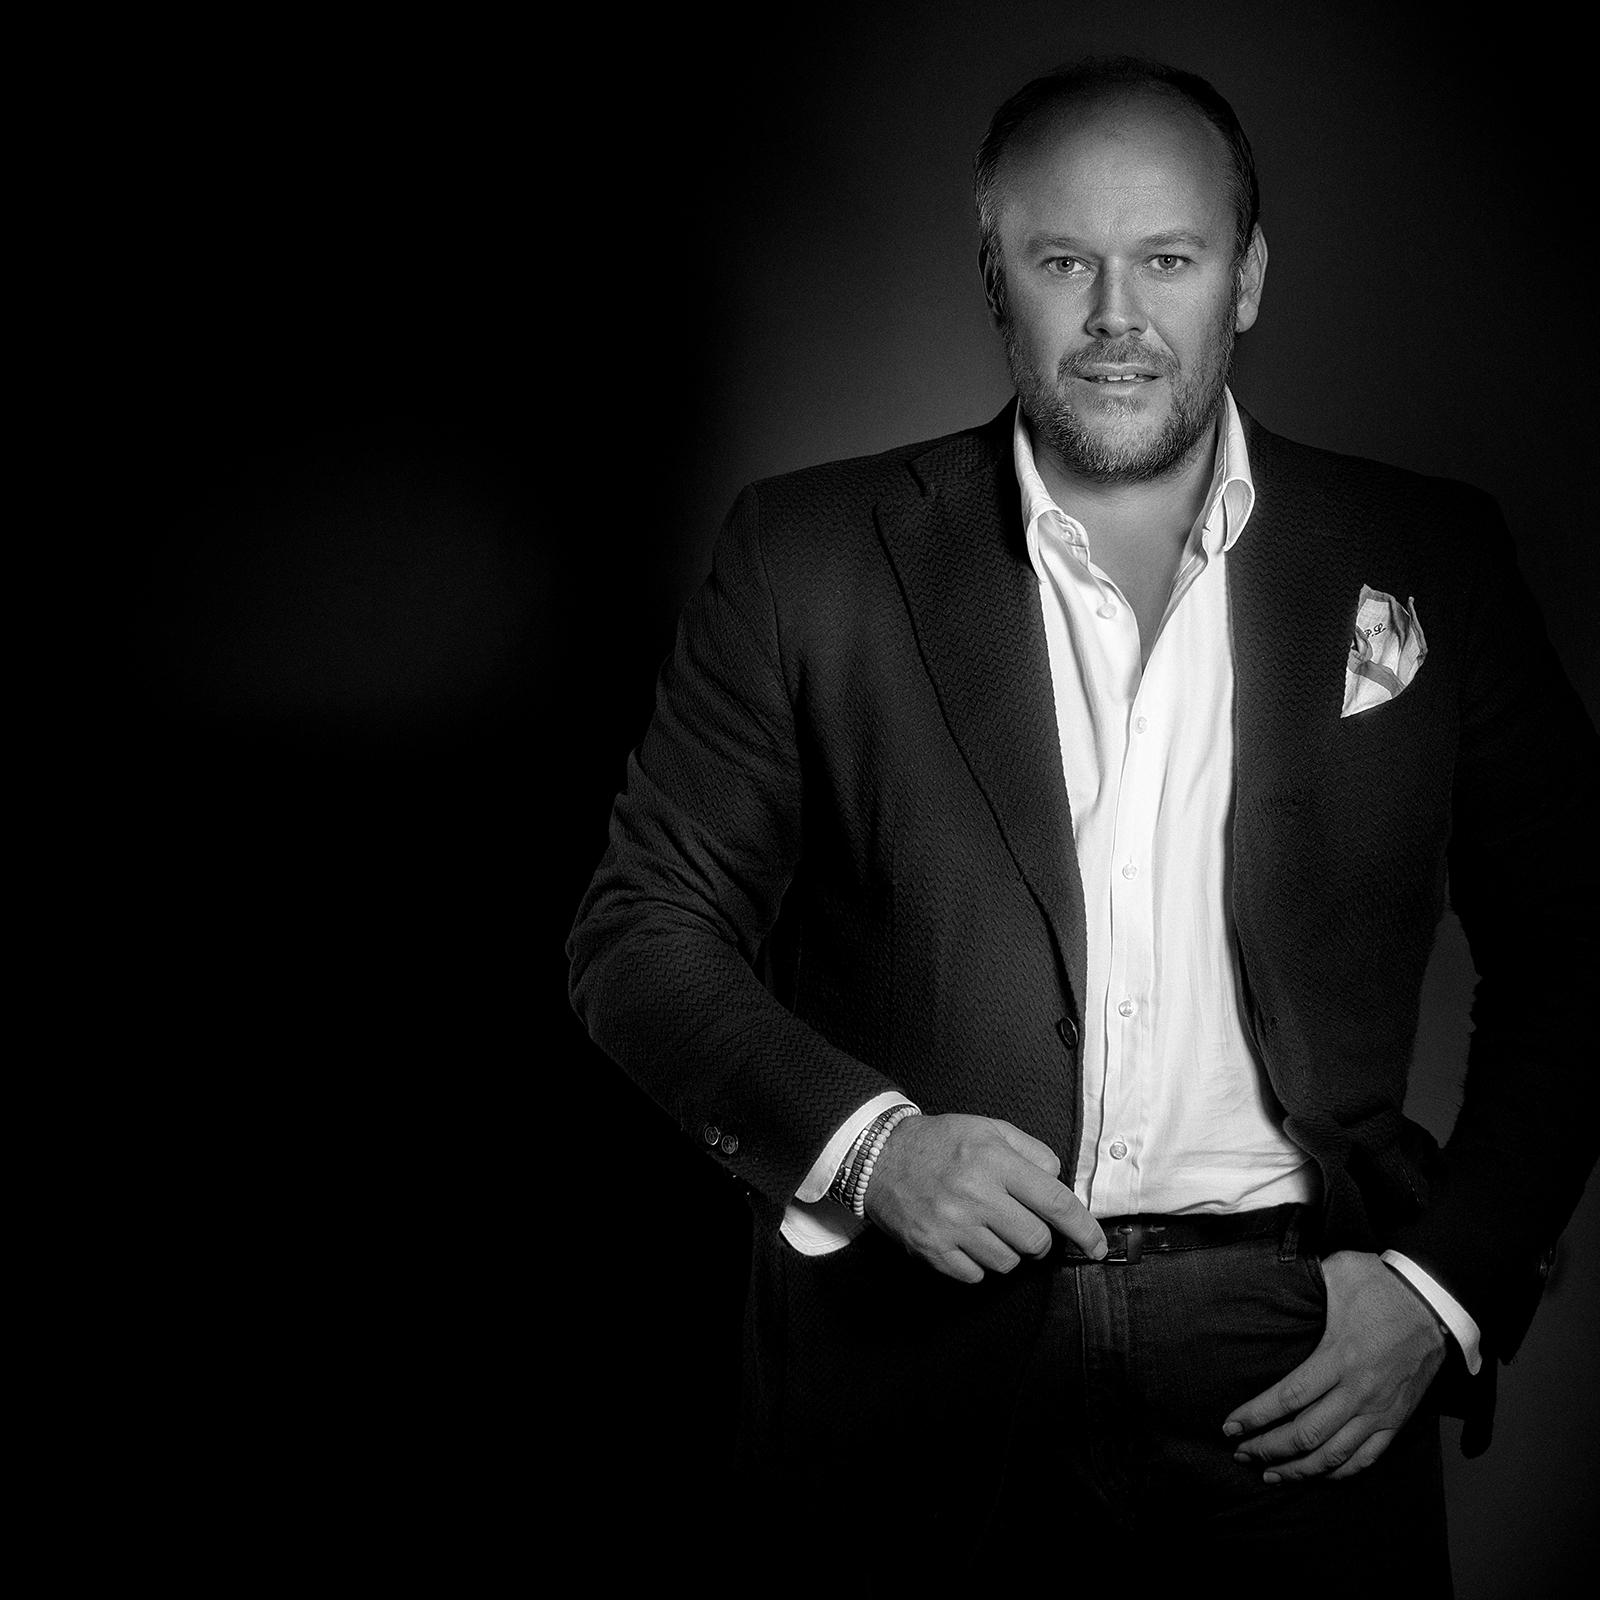 Rozhovor se zakladatelem a prezidentem Asociace vizážistů a stylistů Petrem Lukešem